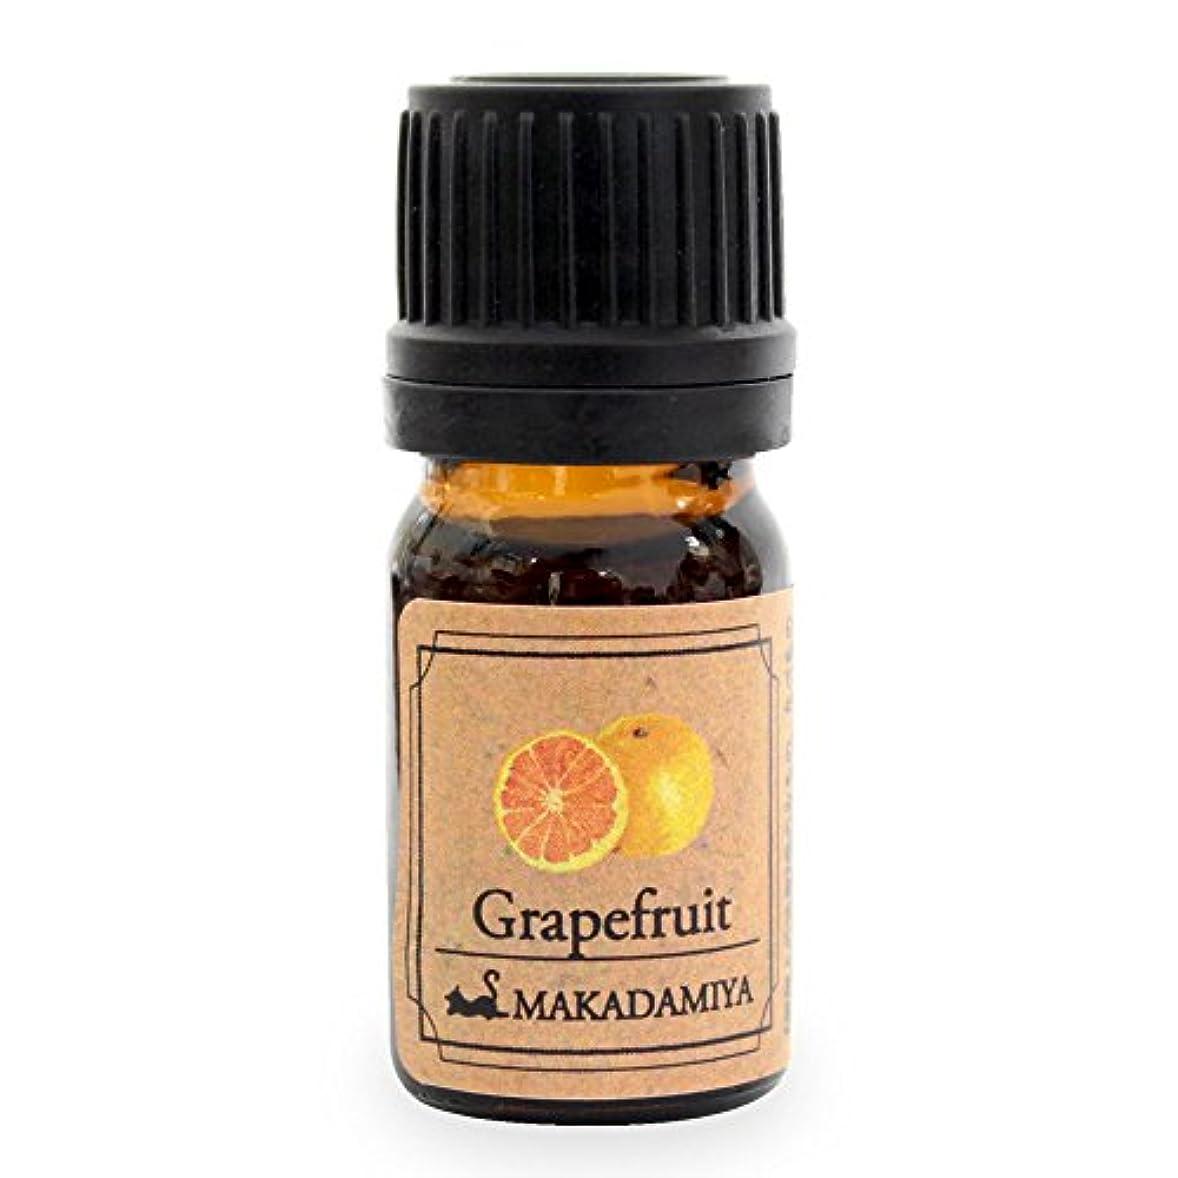 ミット遺伝的経度グレープフルーツ5ml 天然100%植物性 エッセンシャルオイル(精油) アロマオイル アロママッサージ aroma Grapefruit